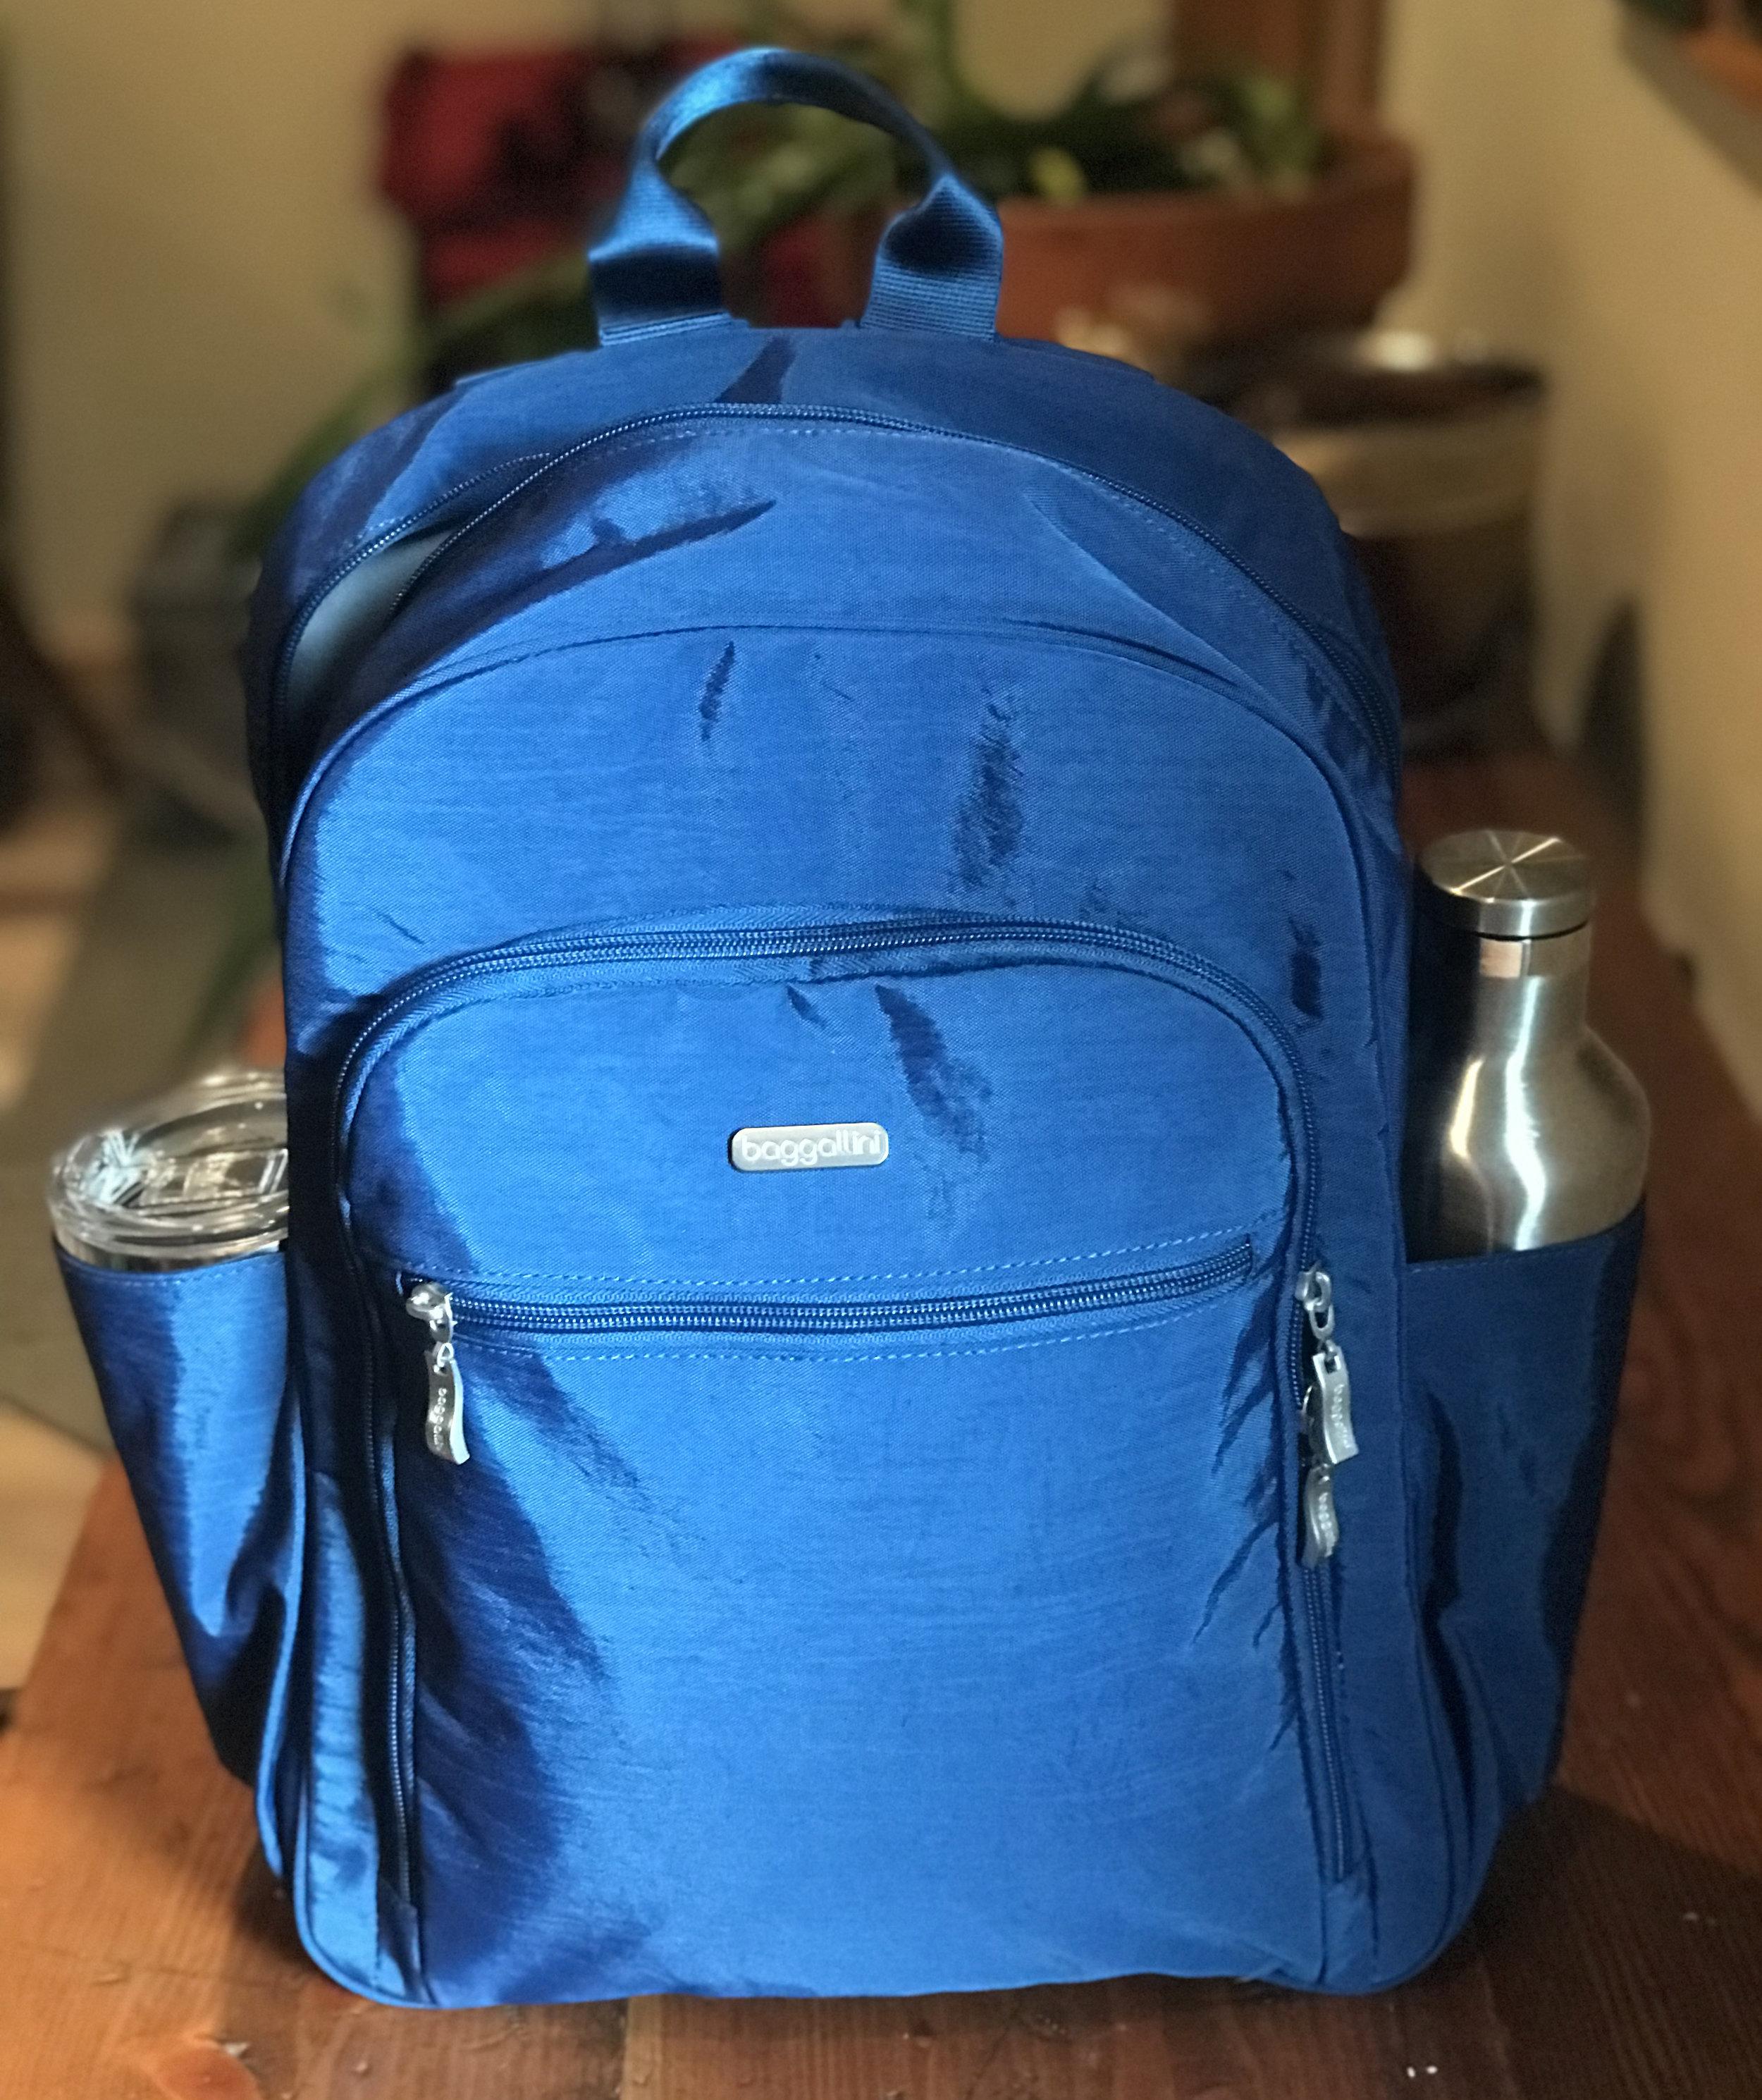 Explorer-packed.jpg